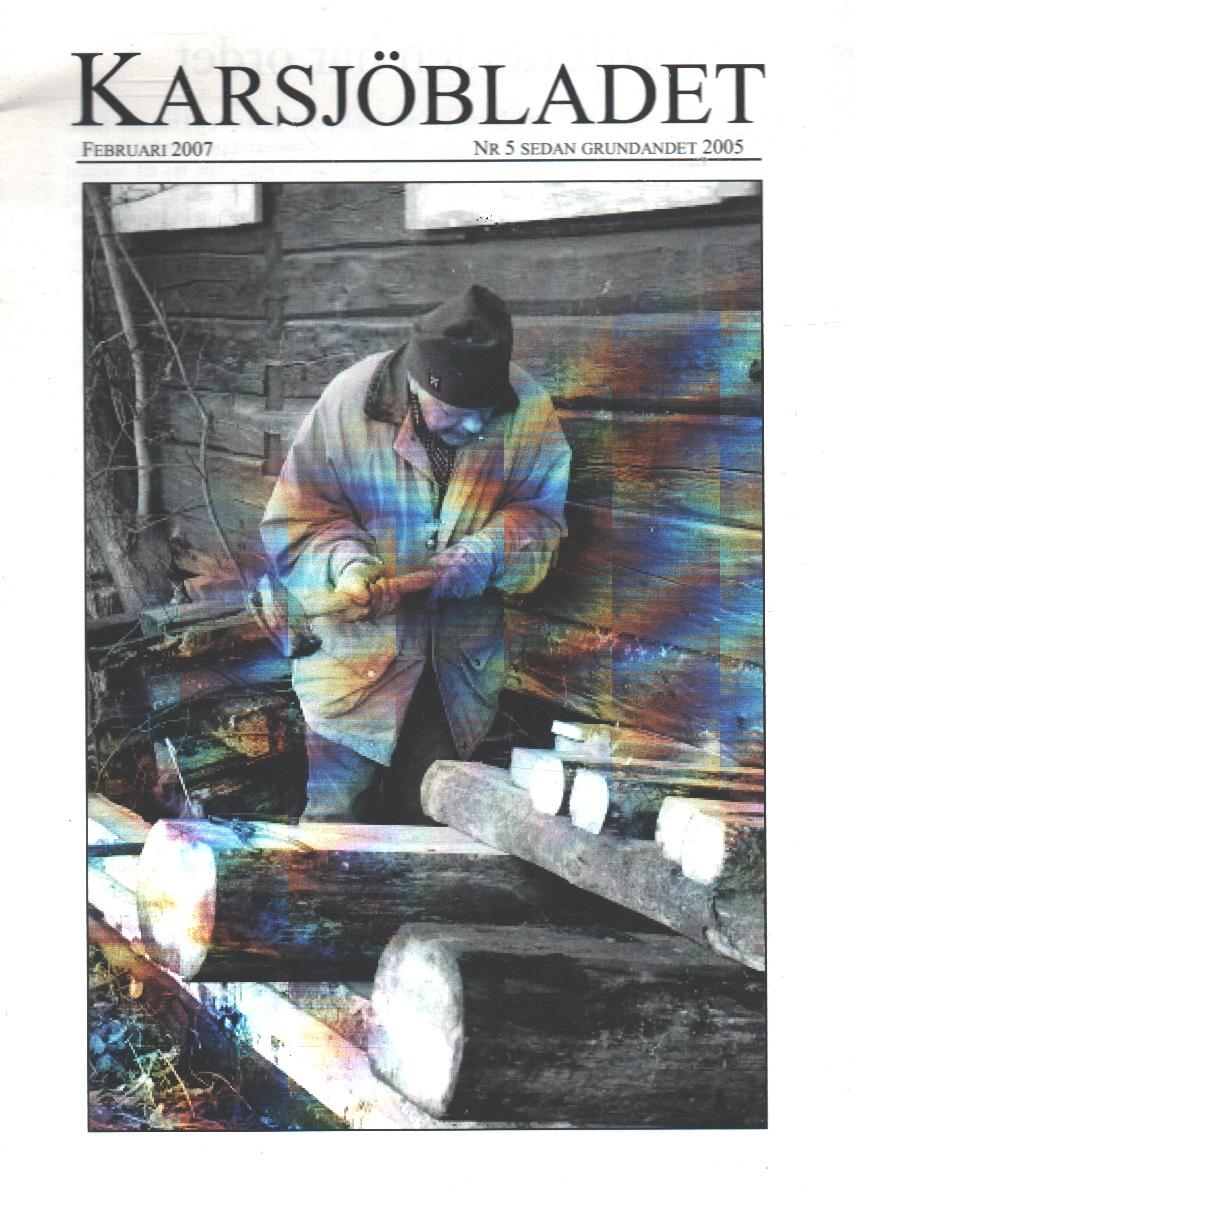 Karsjöbladet 5 - Red.